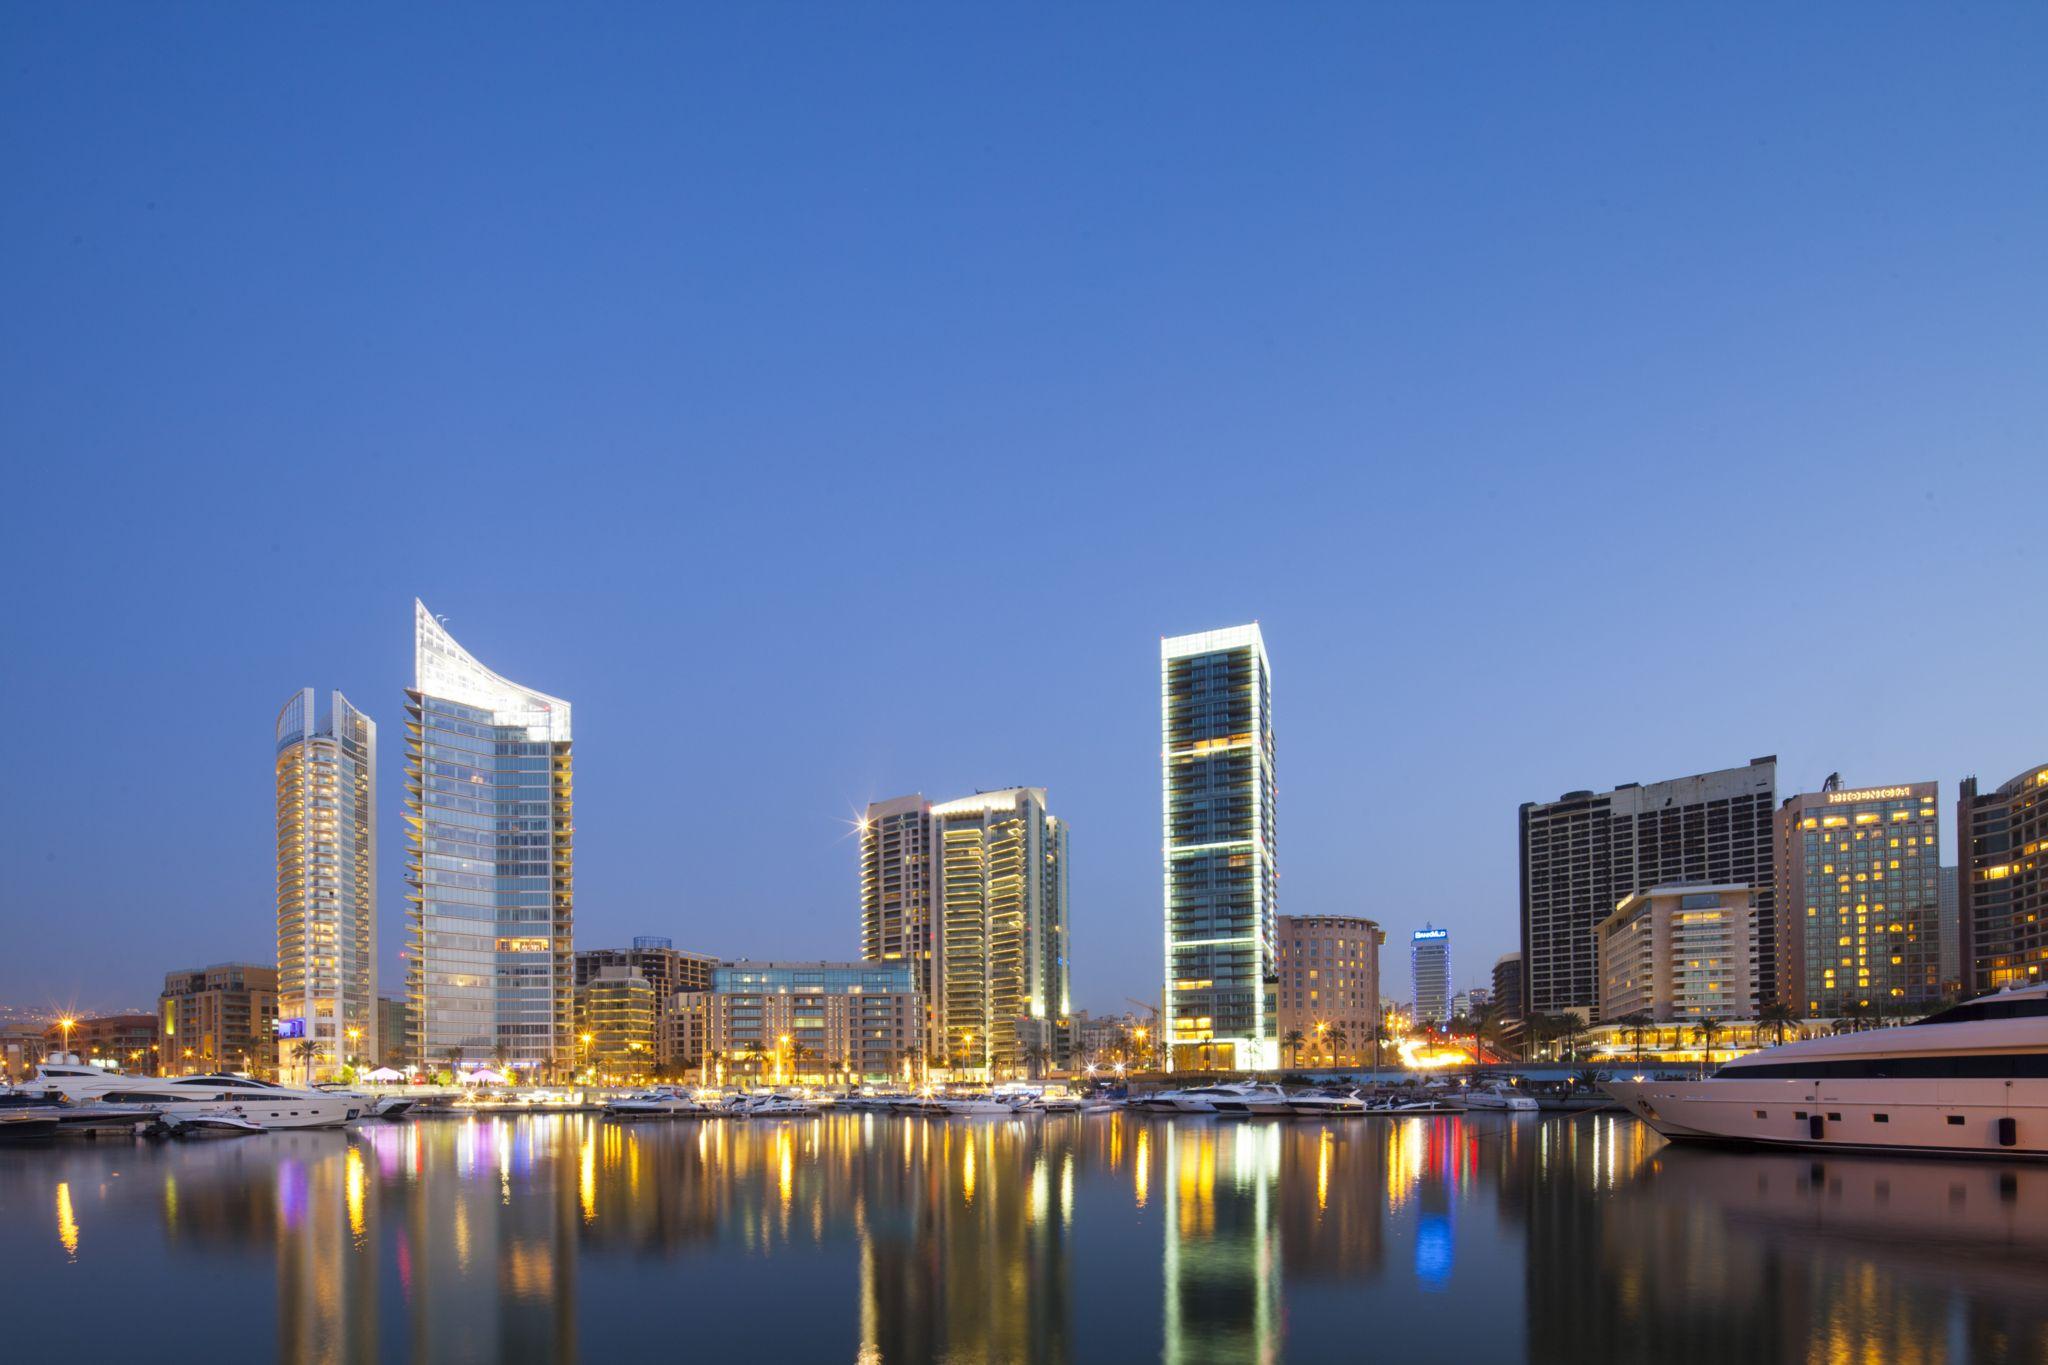 Beirut skyline from Zaitunay Bay